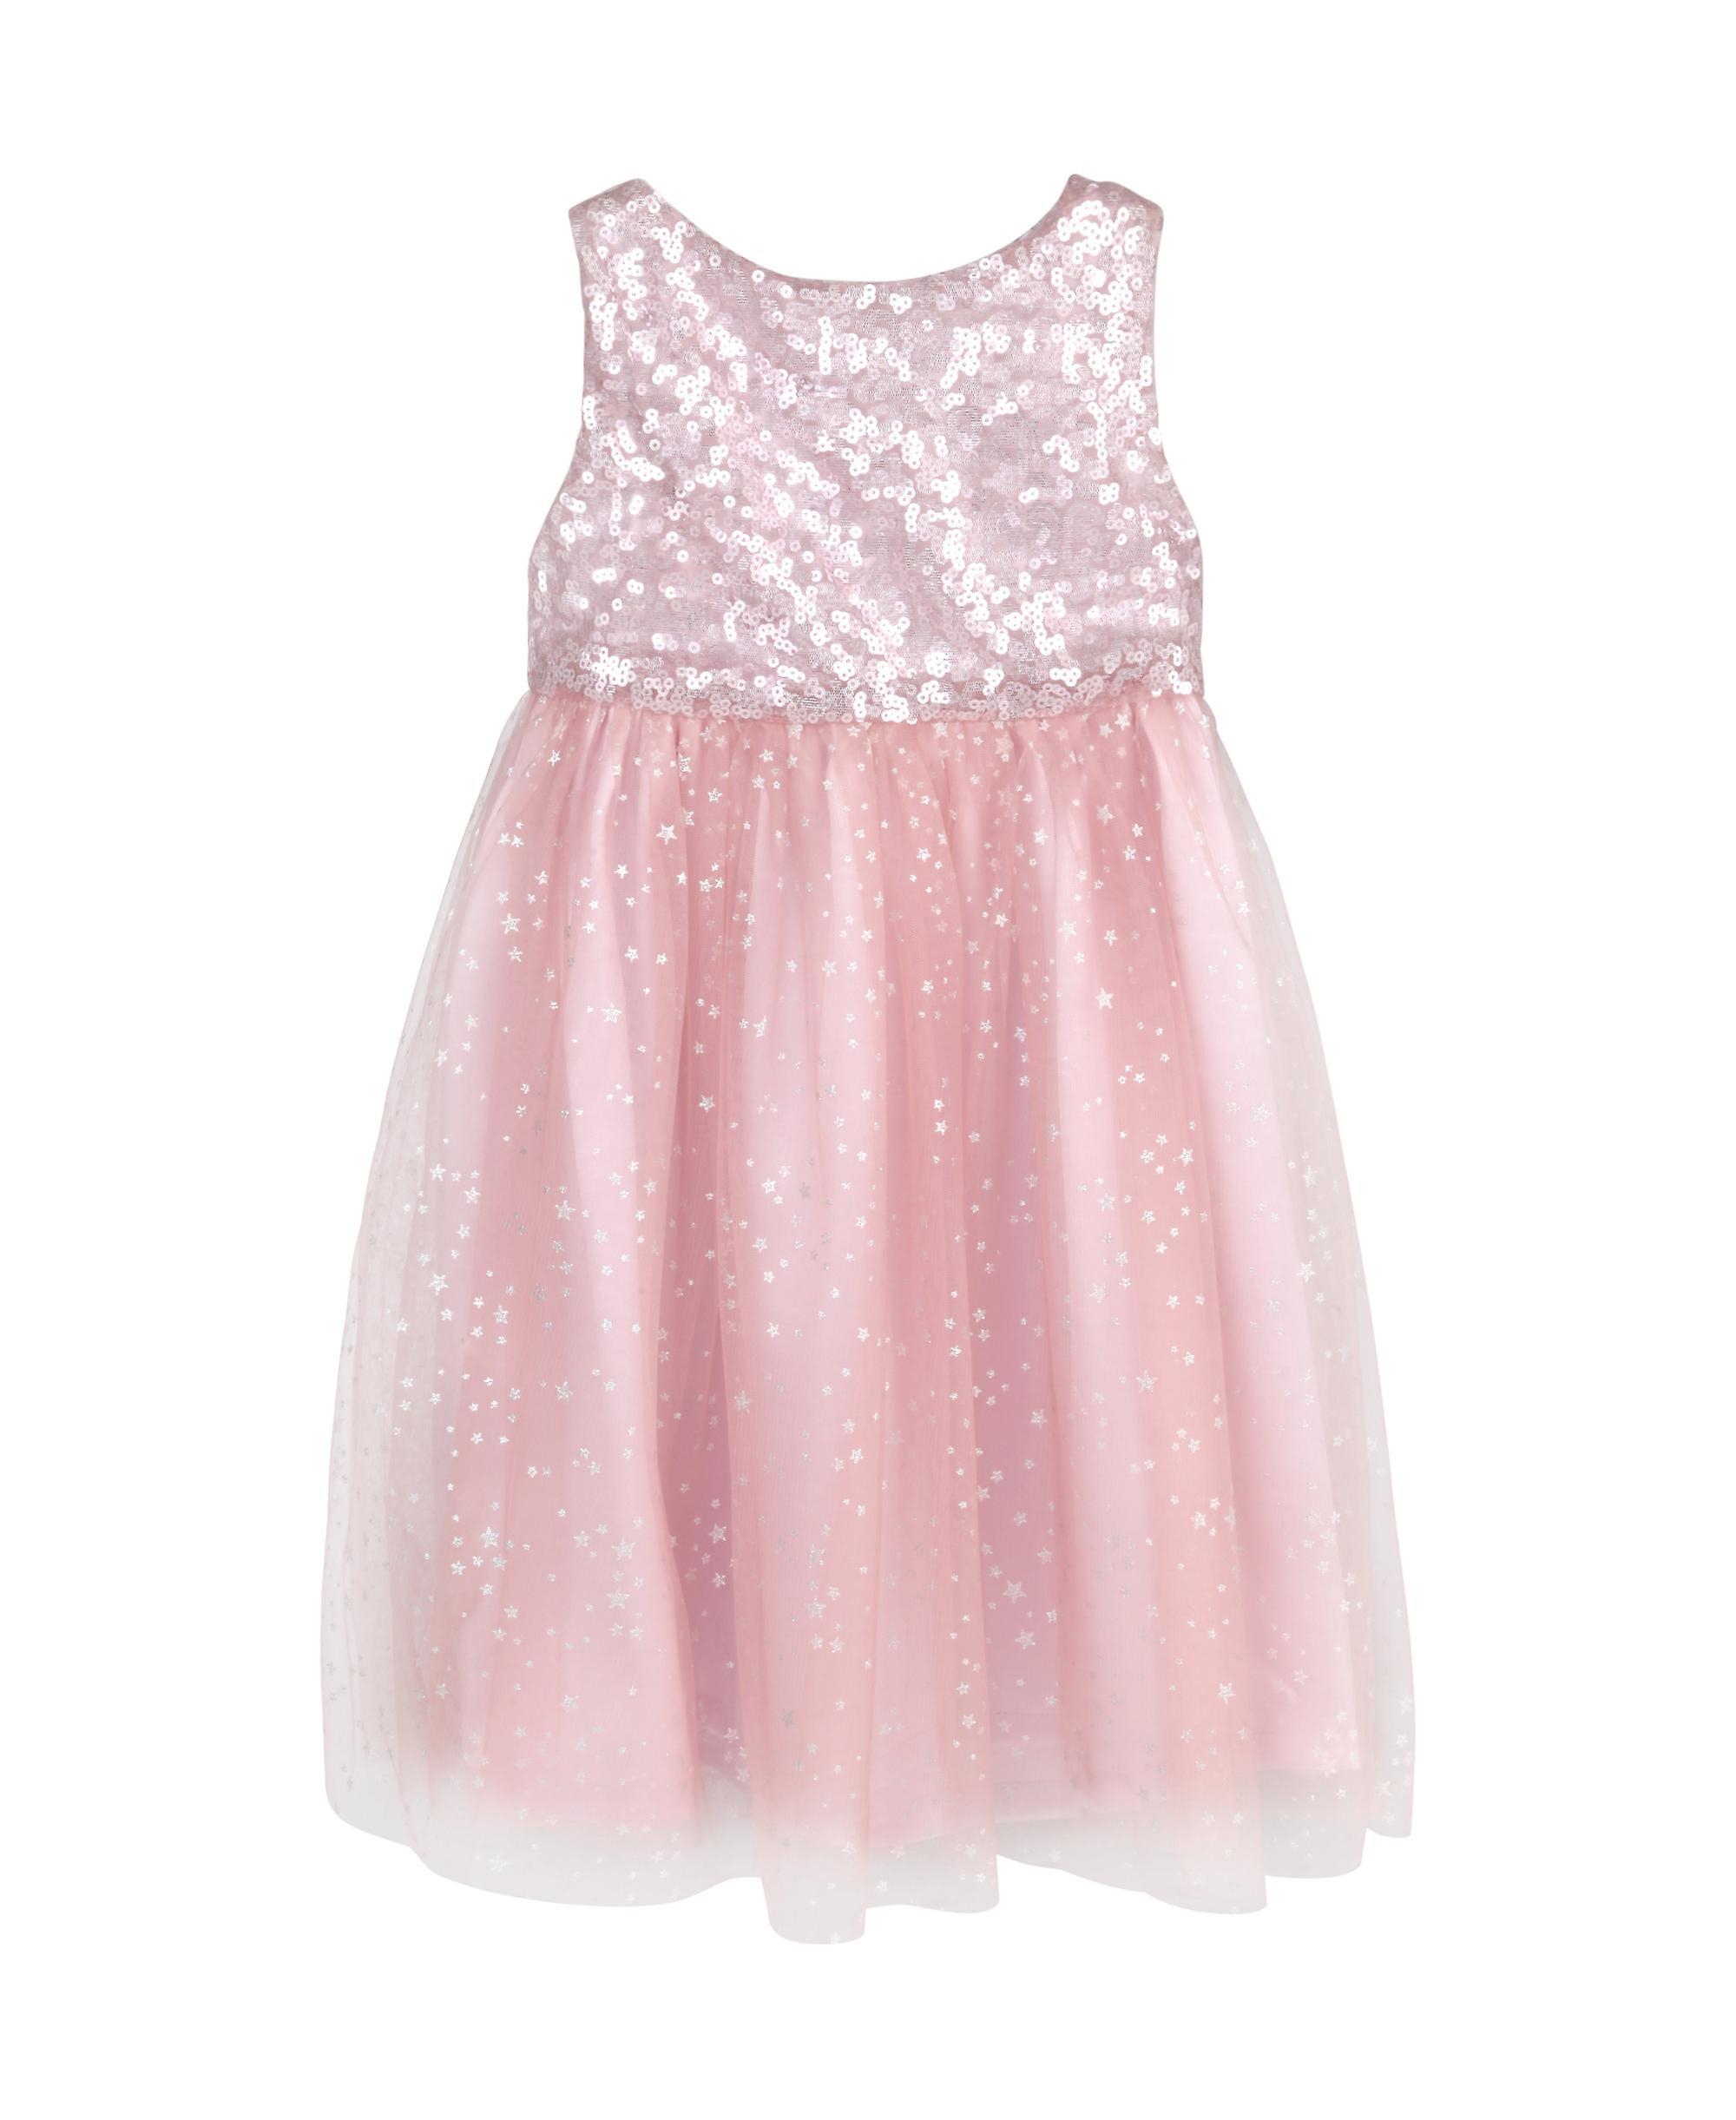 Mädchen Brautjungfer Tutu Kleid Baby Blume Party Hochzeit Prinzessin  Brautjungfer 3-7Y